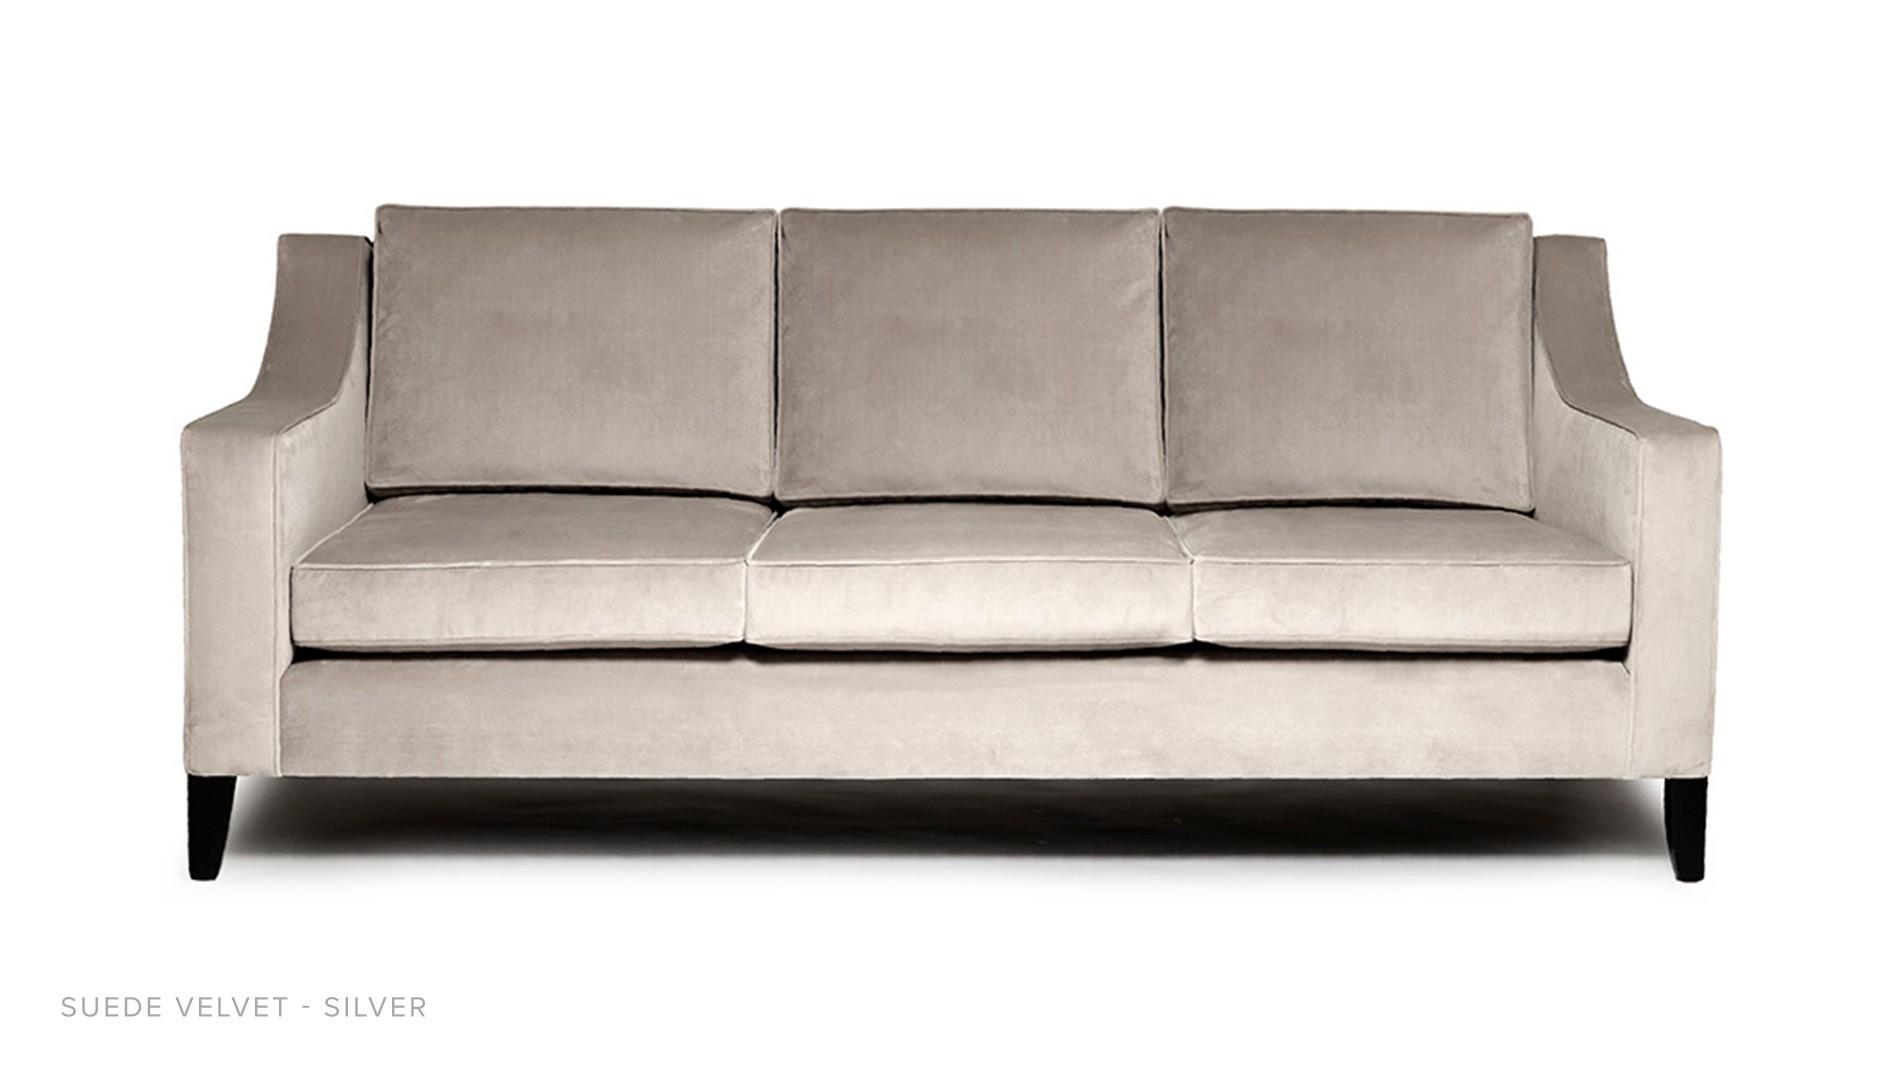 Awesome Plaza Luxury Velvet Sofa - LuxDeco.com luxury velvet sofas